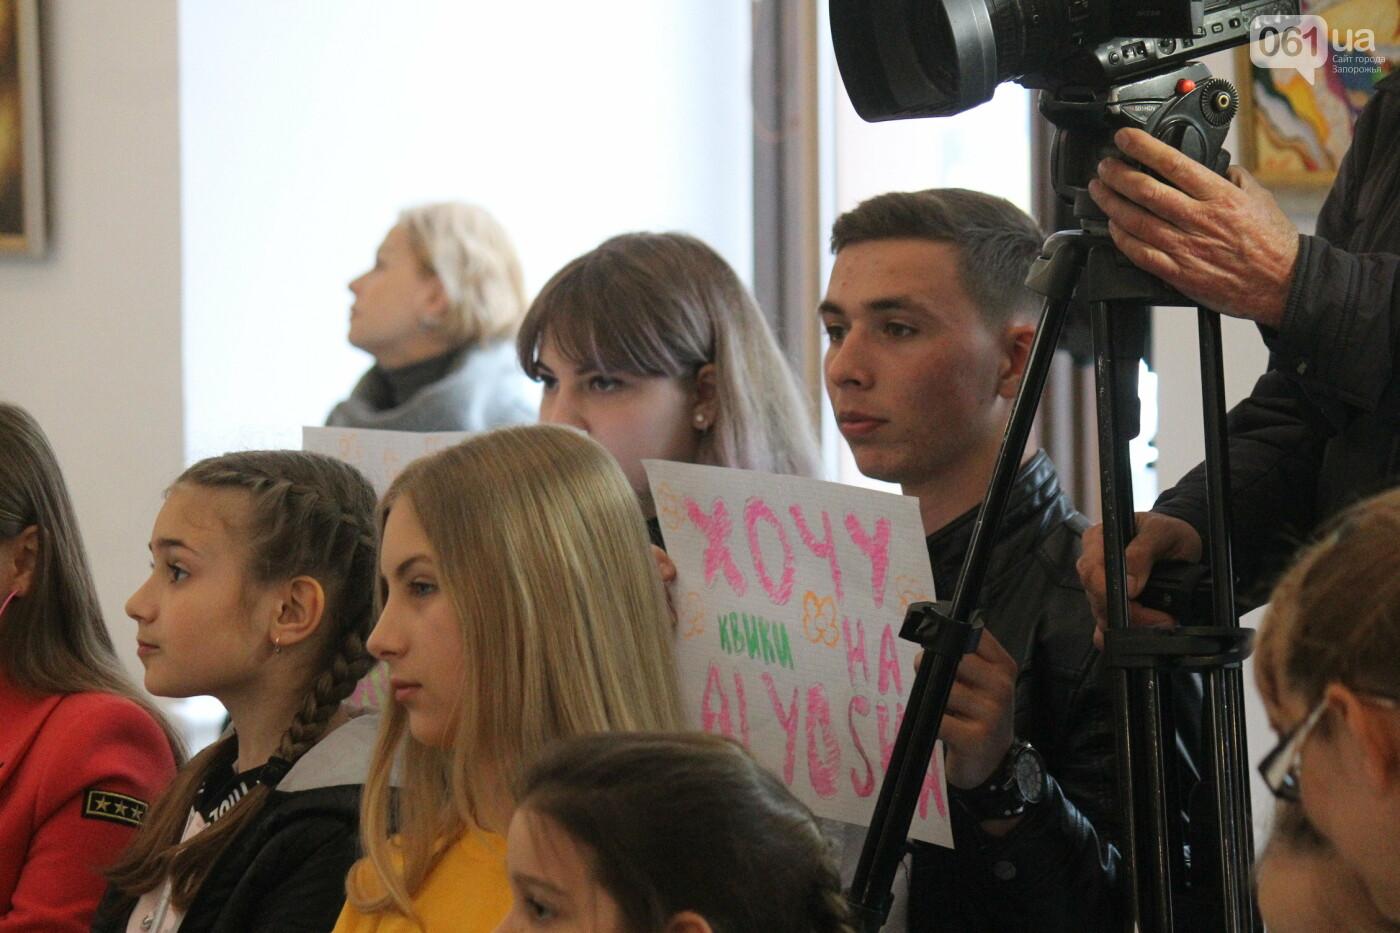 Перед концертом в родном Запорожье певица Alyosha провела автограф-сессию, – ФОТОРЕПОРТАЖ, фото-6